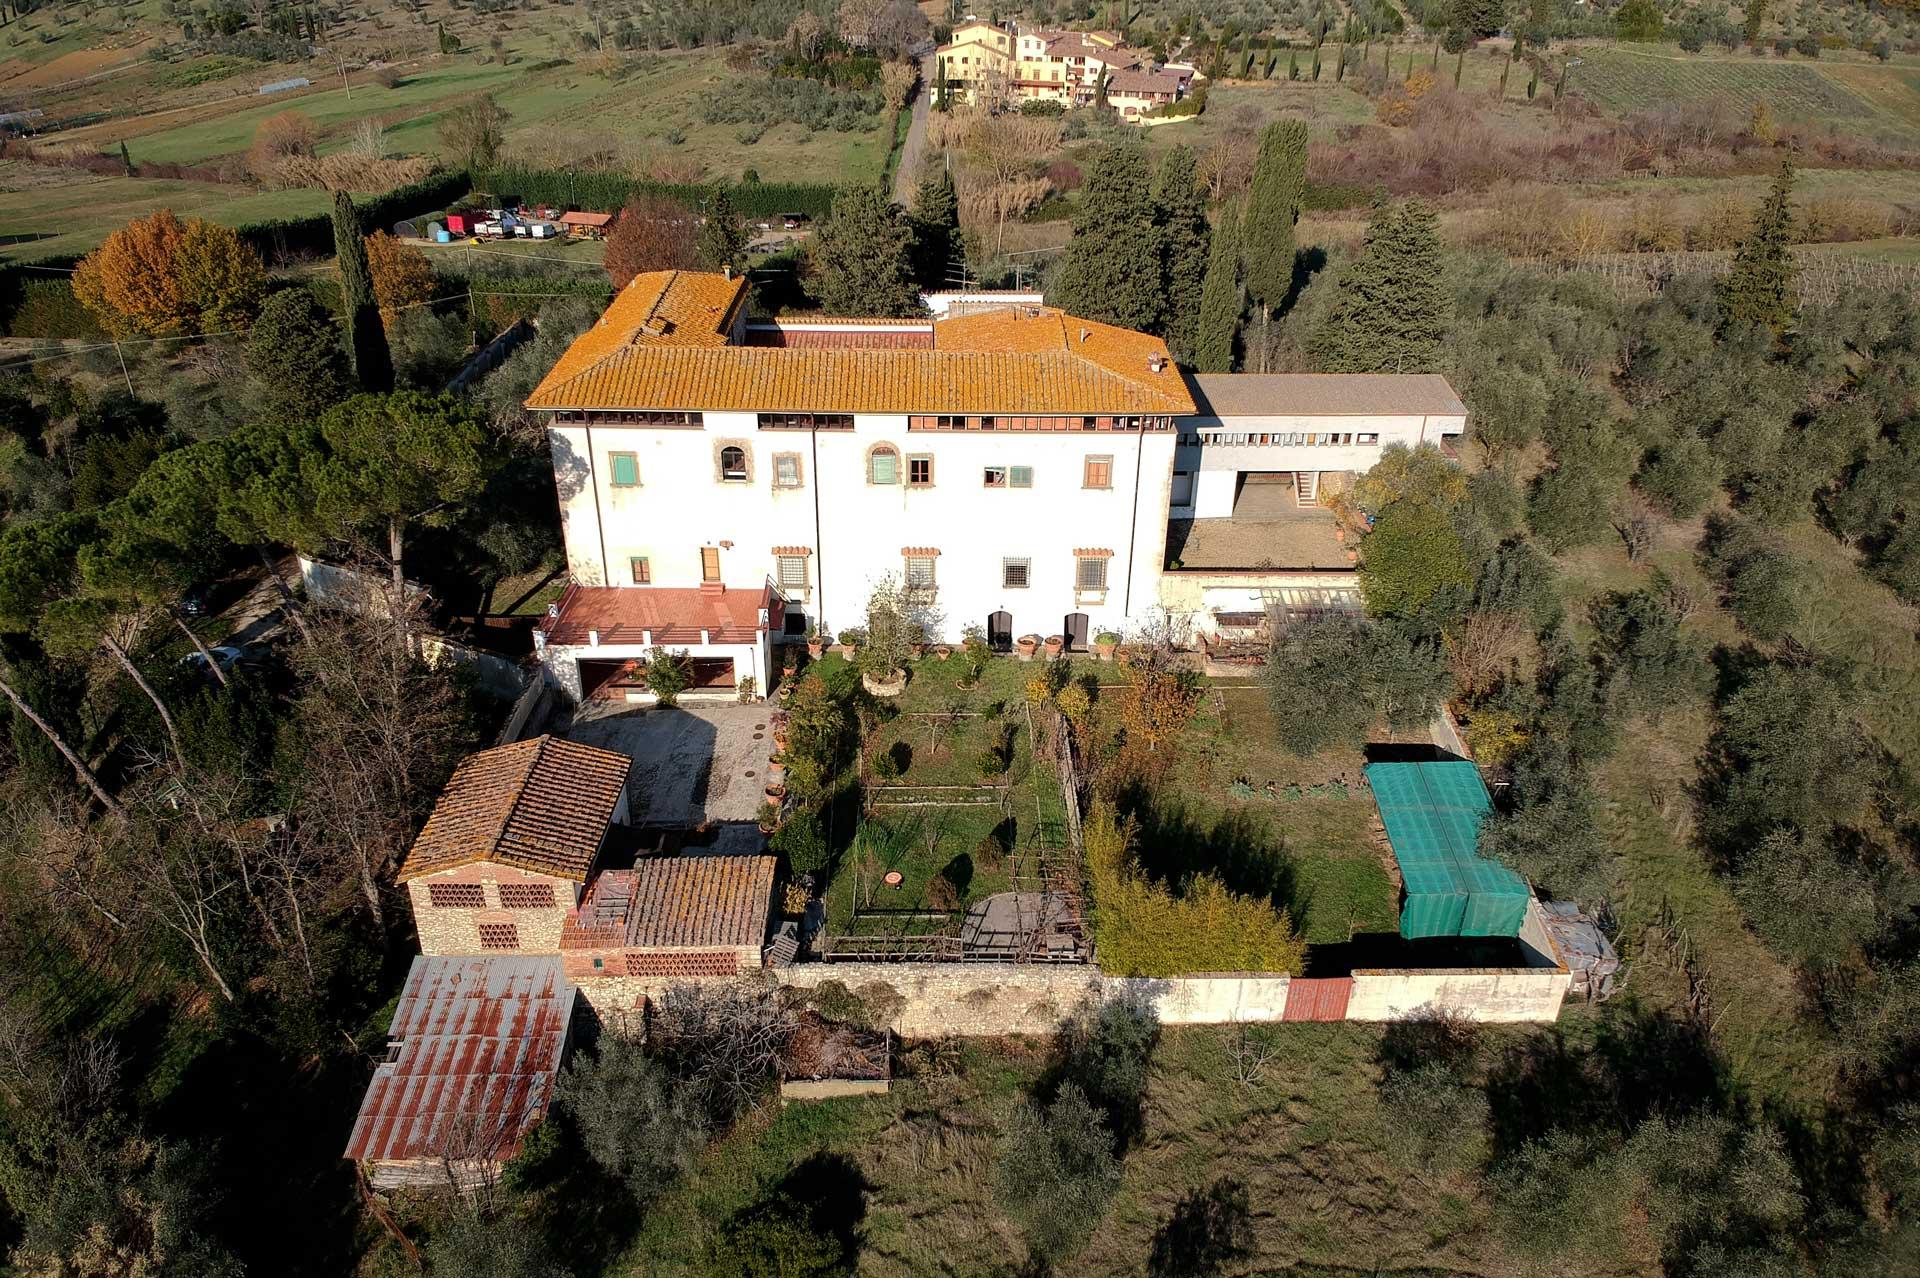 monastero dello Spirito Santo - Bagno a Ripoli